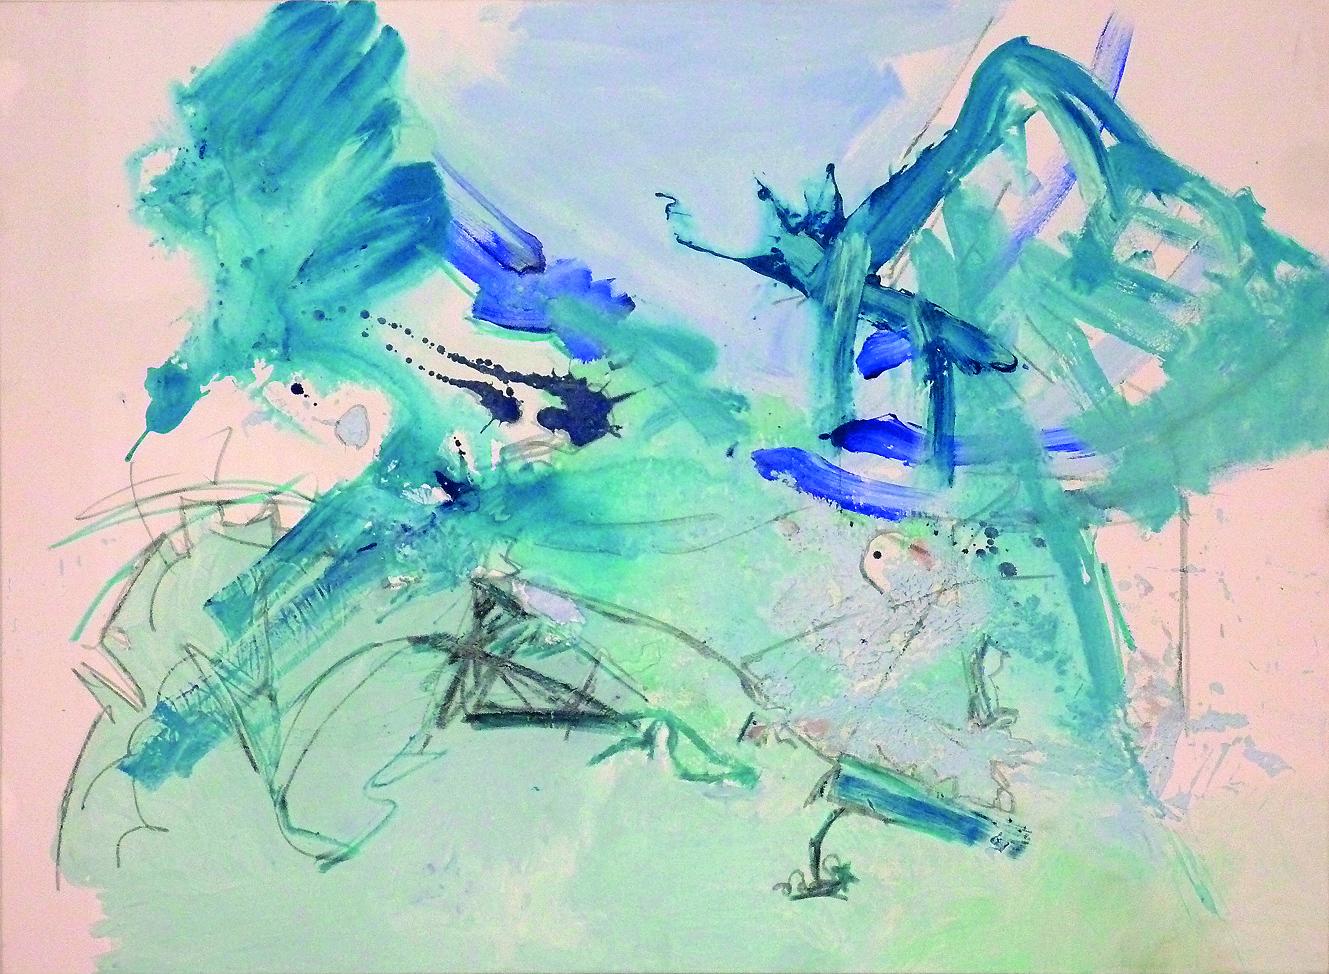 Luft, 2015, 160x120cm, Mischtechnik / Leinwand